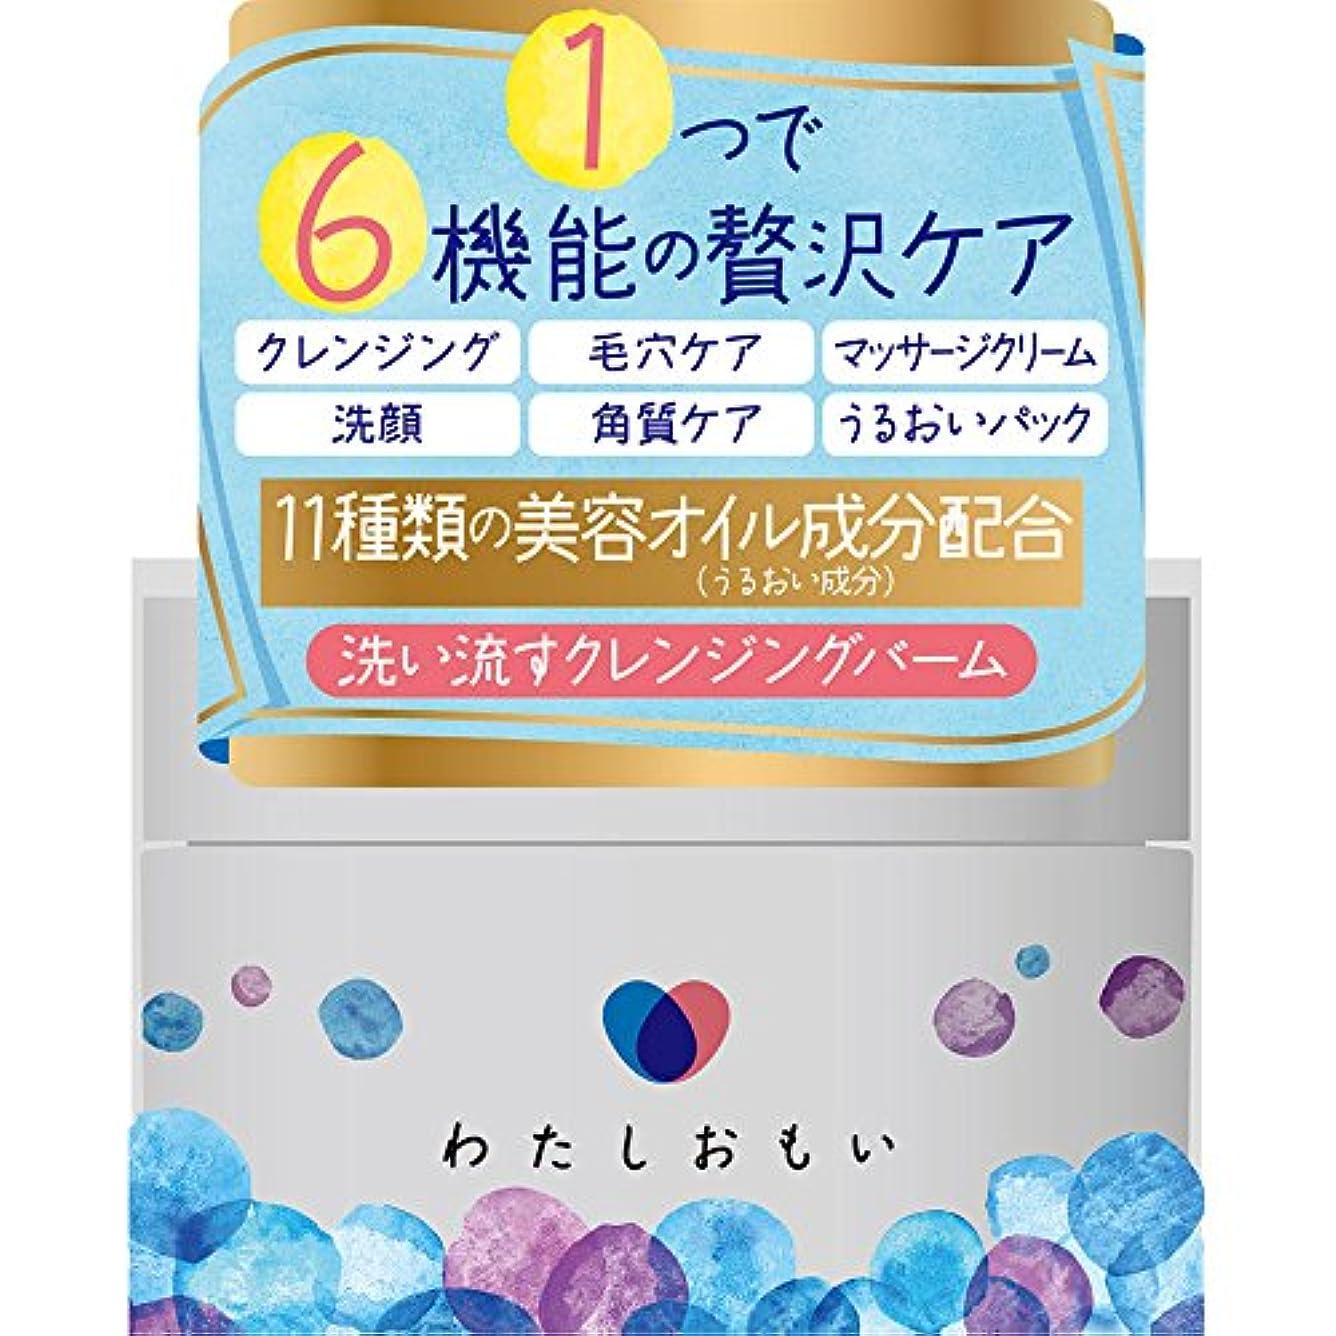 麻痺なくなる標高ロート製薬 わたしおもい 美容オイル成分11種類配合 洗い流すクレンジングバーム 90g